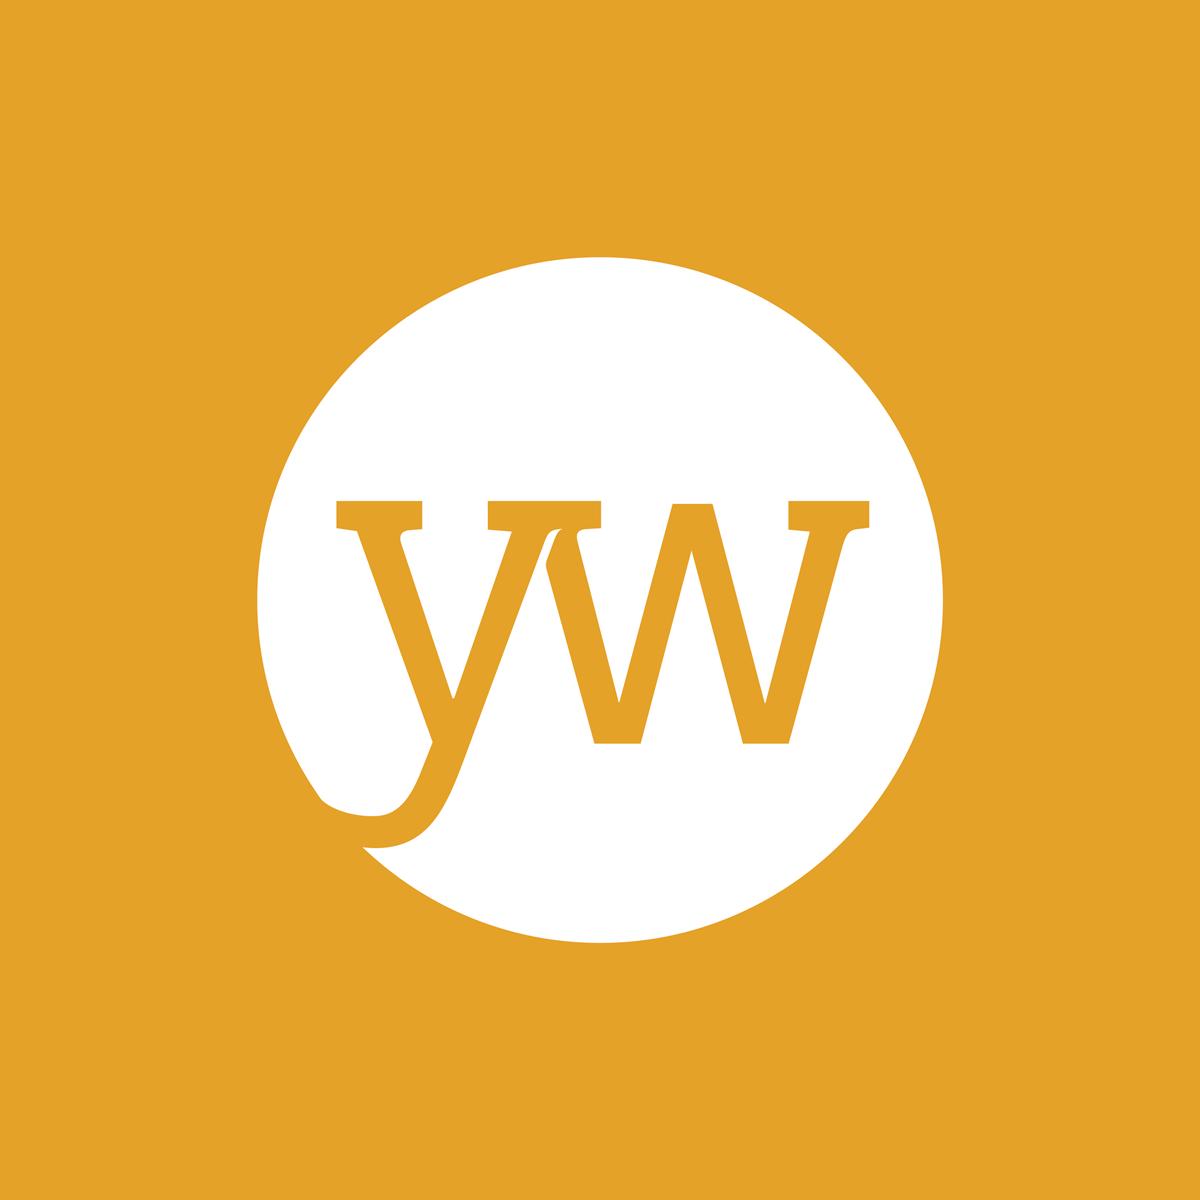 Logotyp - Yogawerkstatt